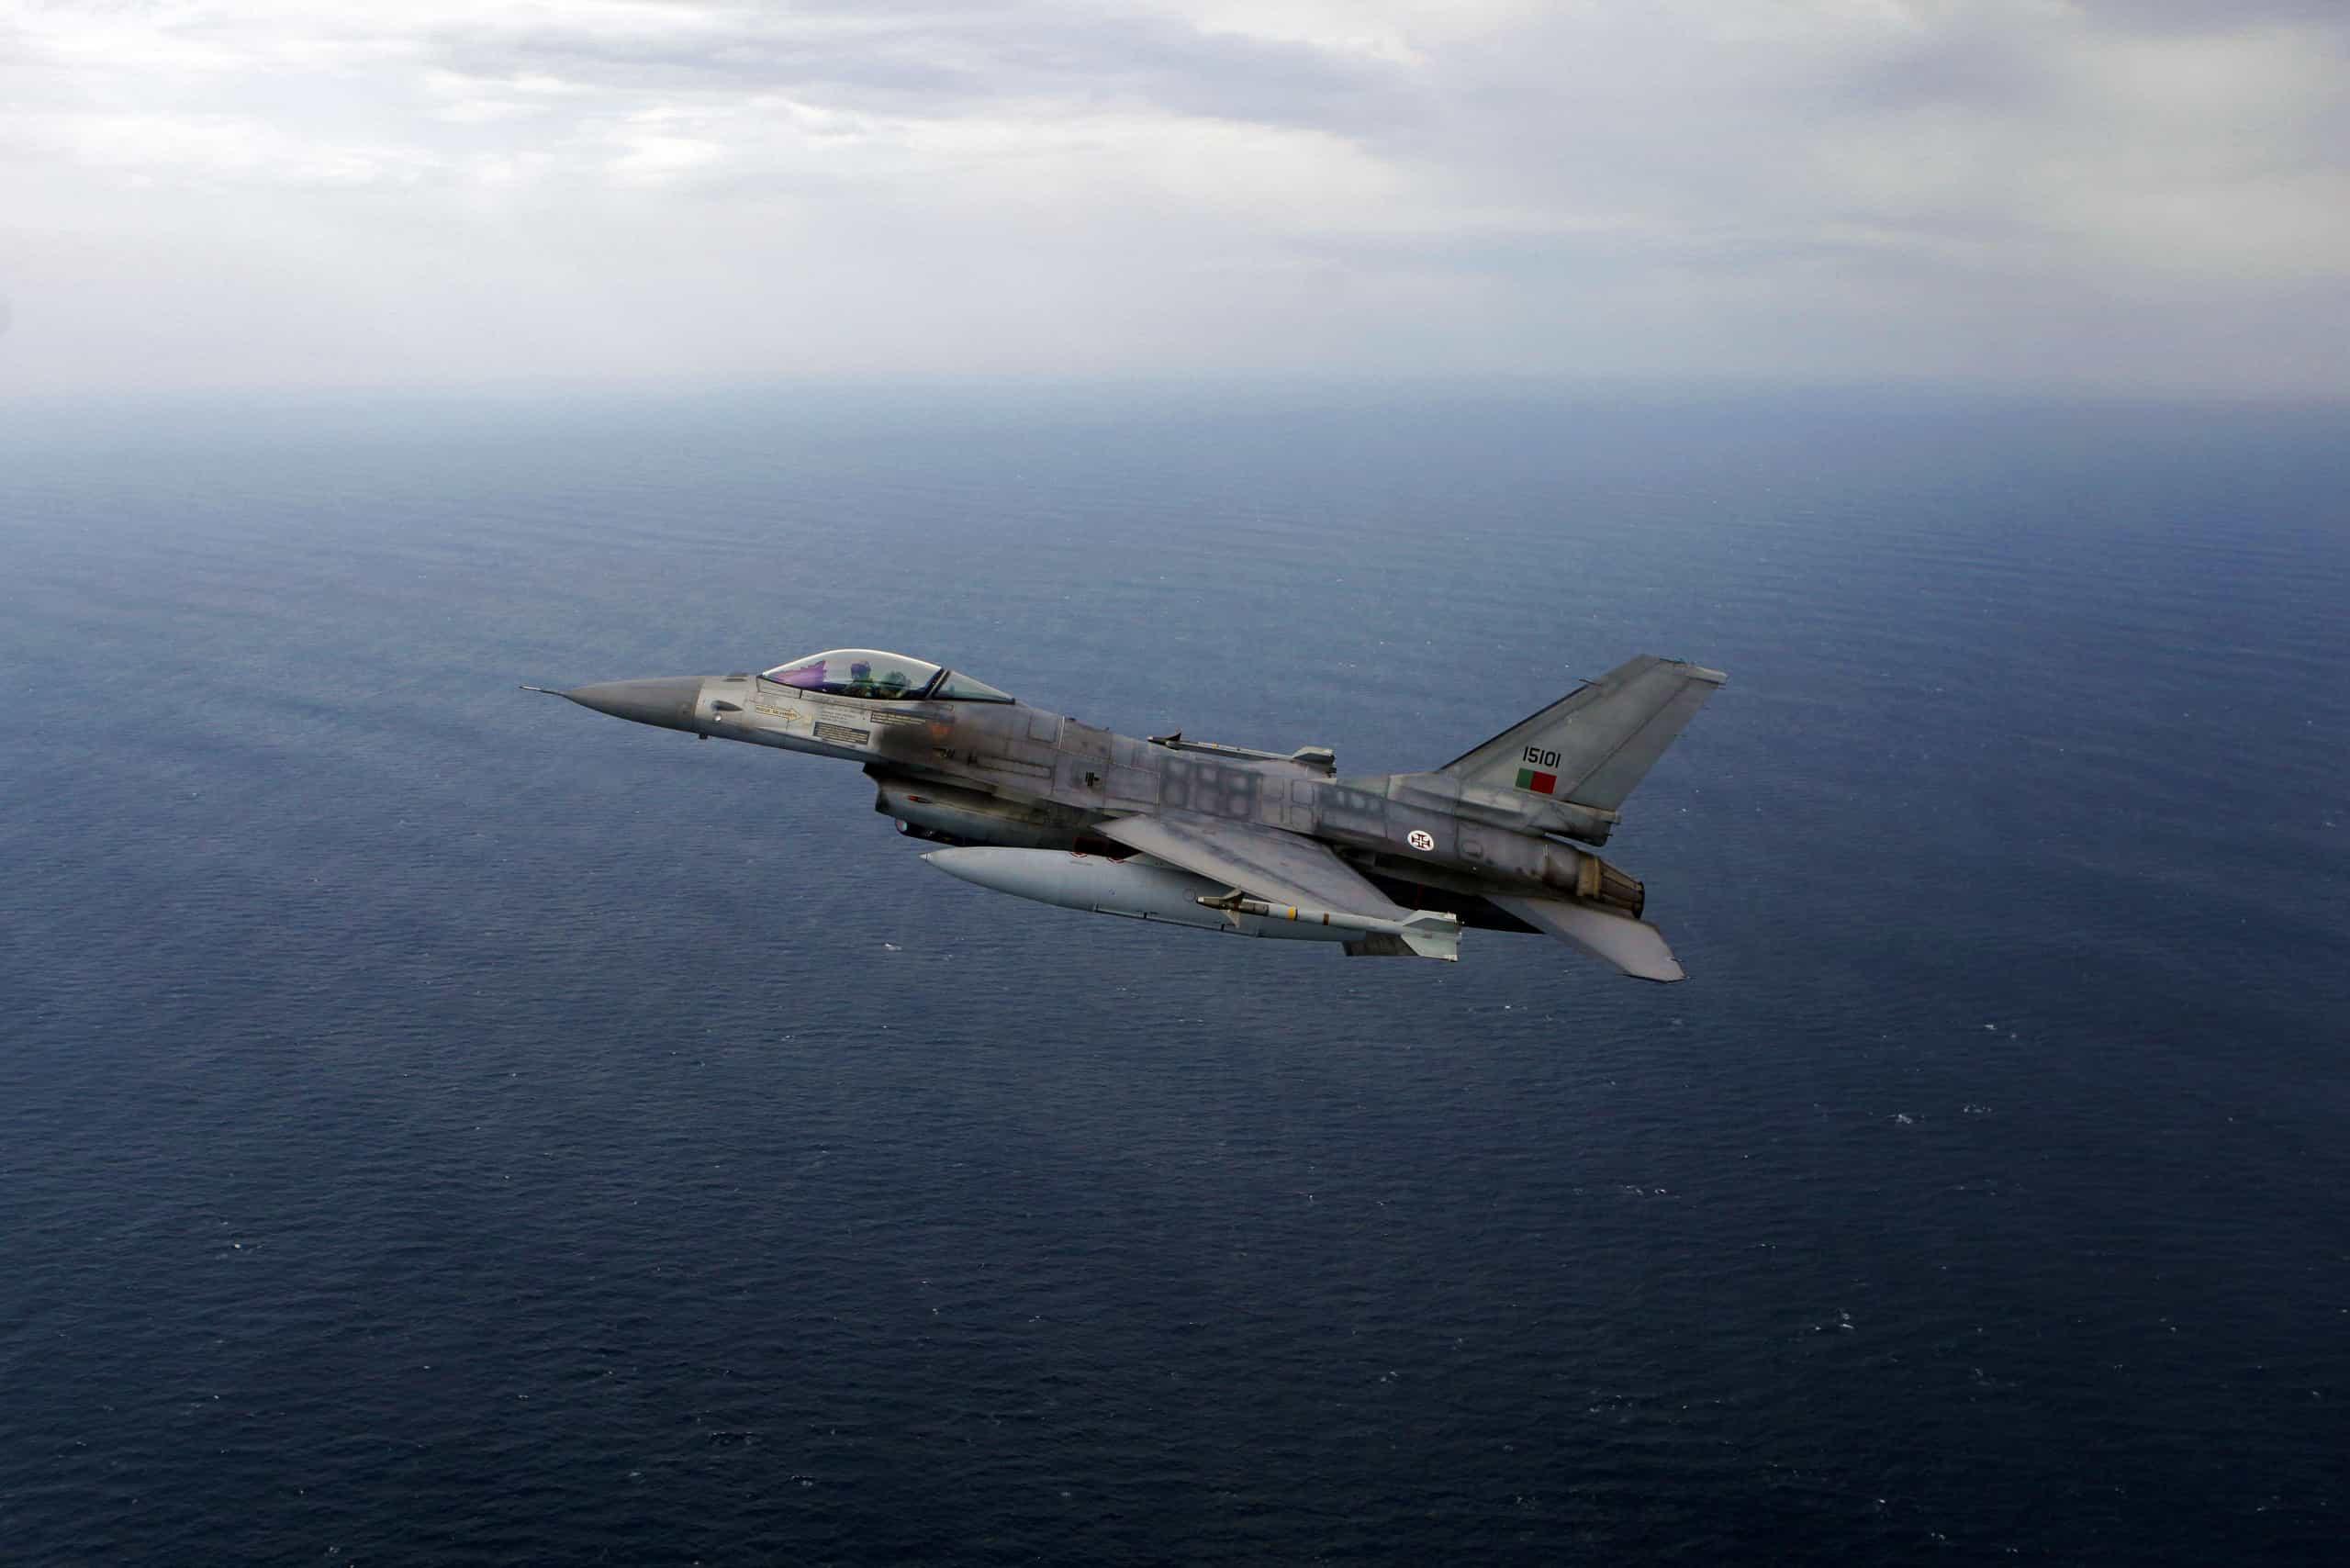 Finlândia deteta violação do espaço aéreo por avião português